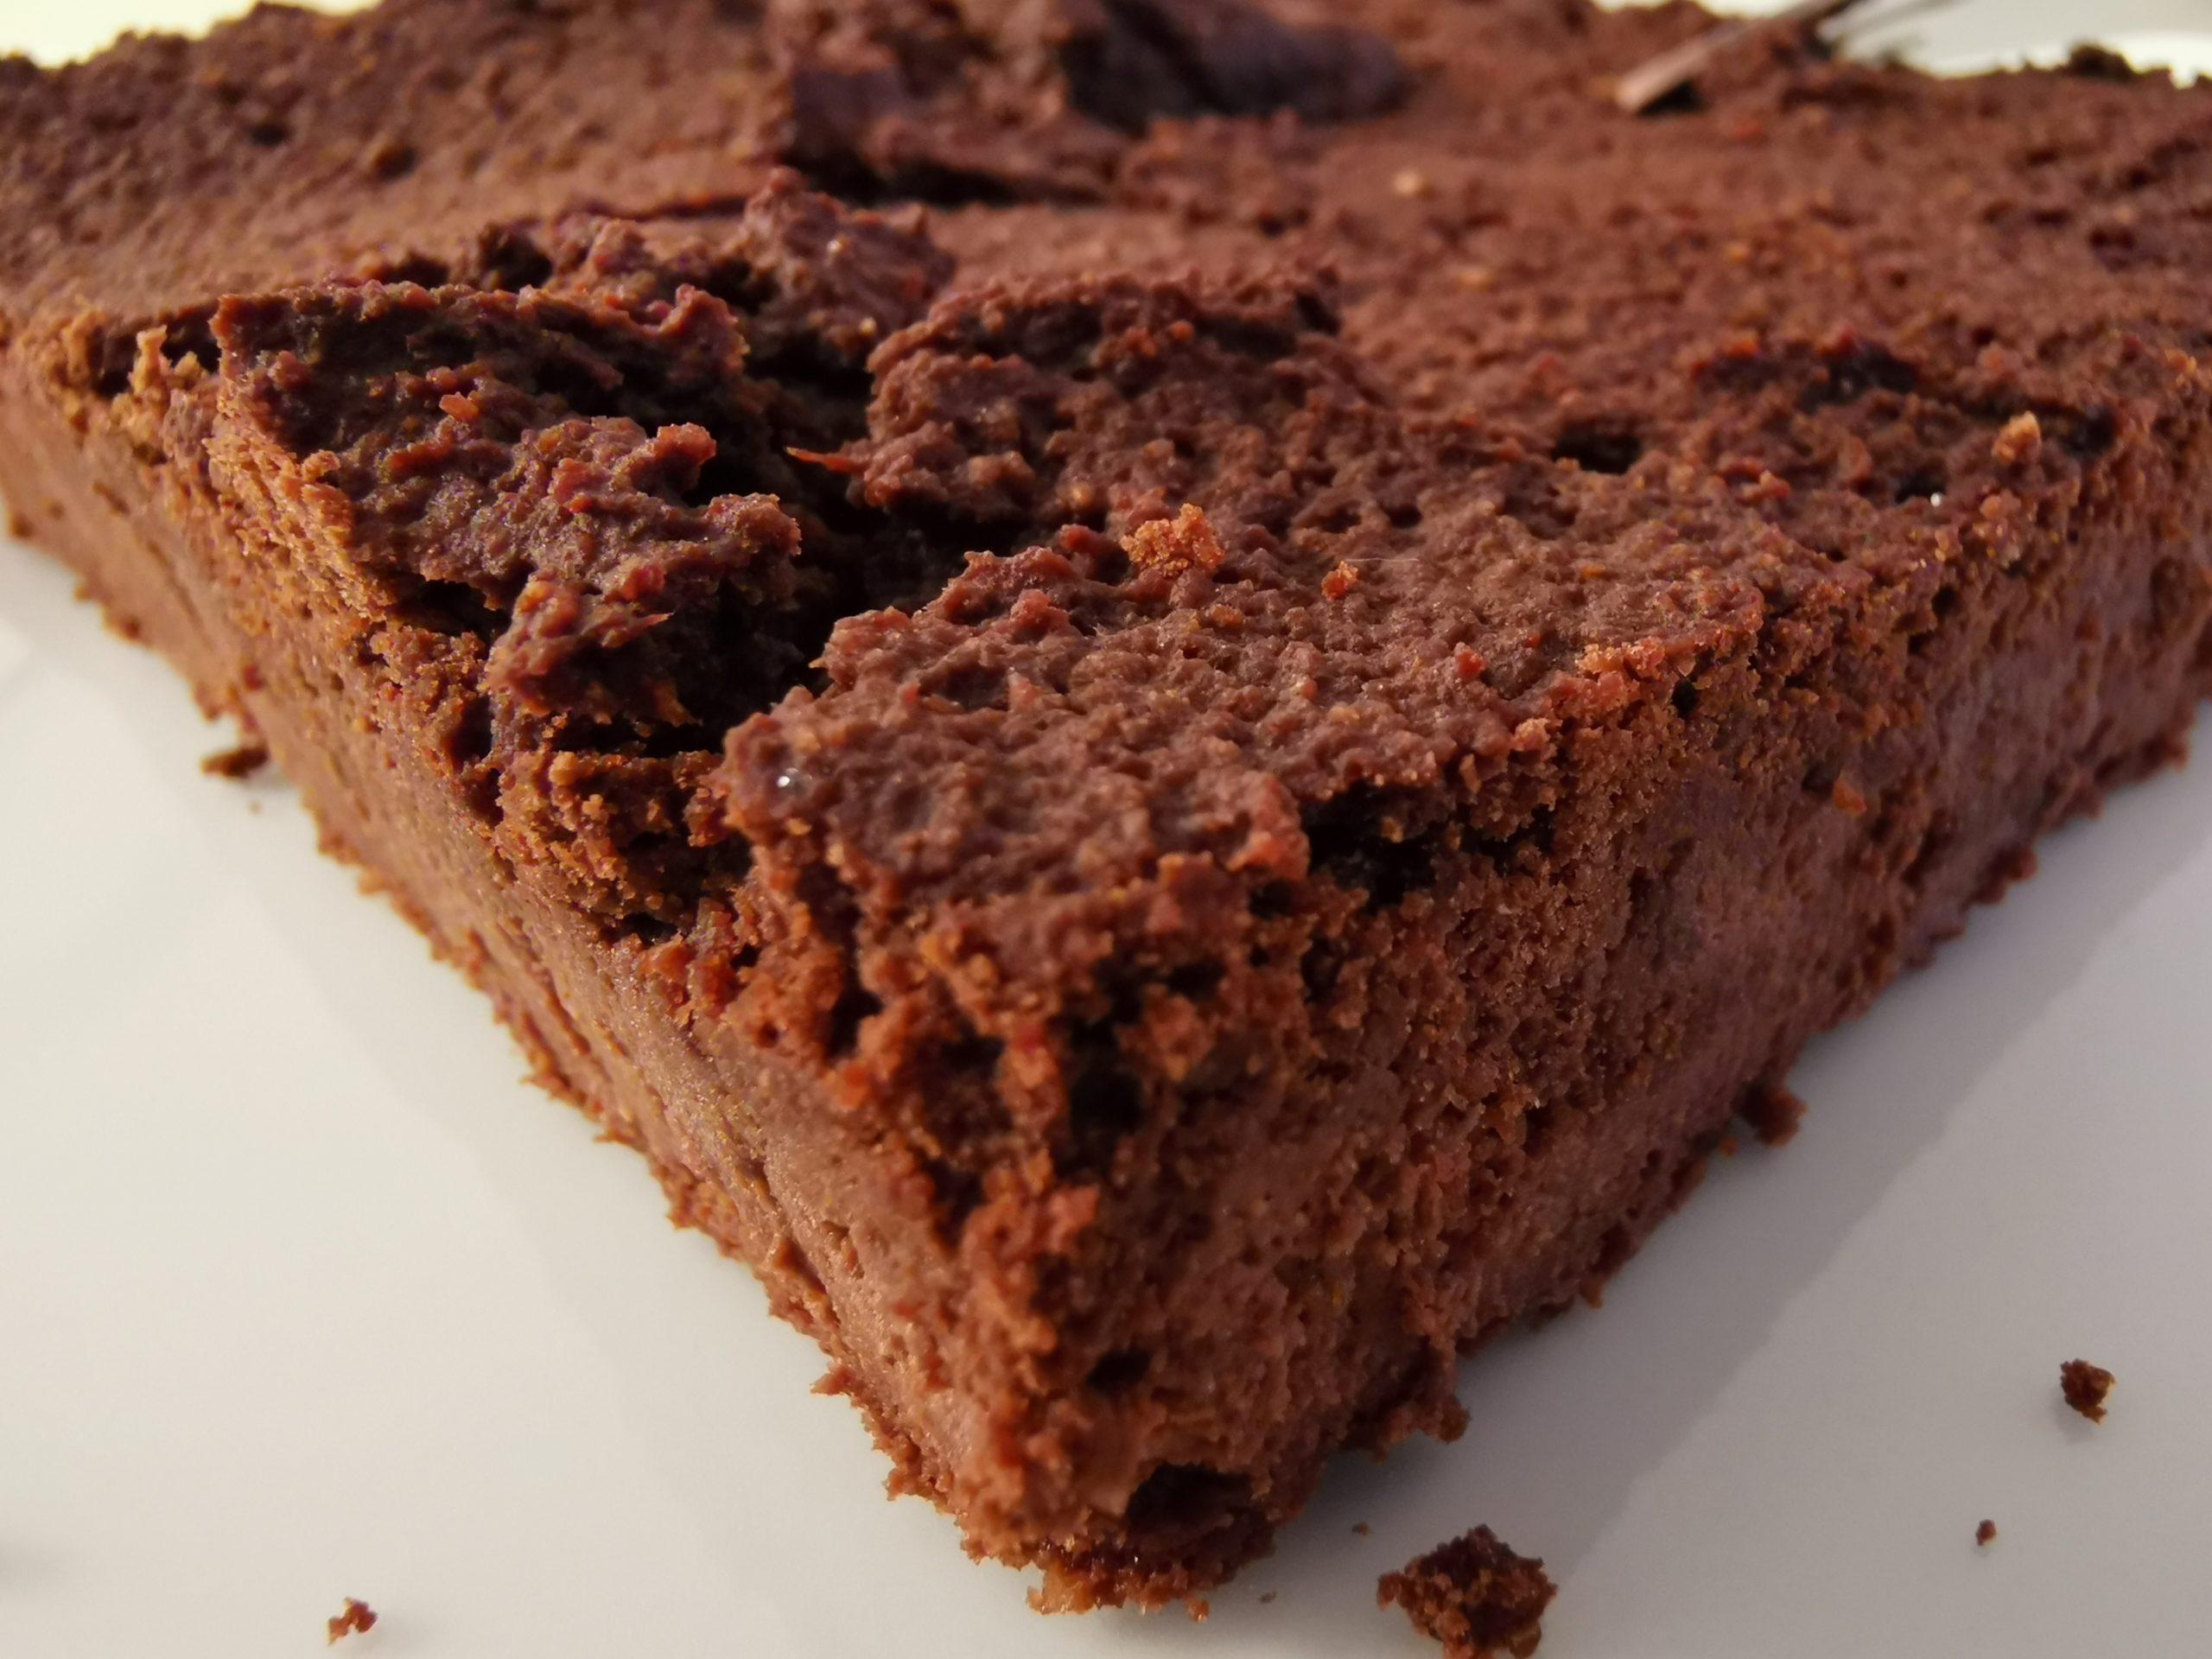 Vegane Schoko Brownies zubereiten